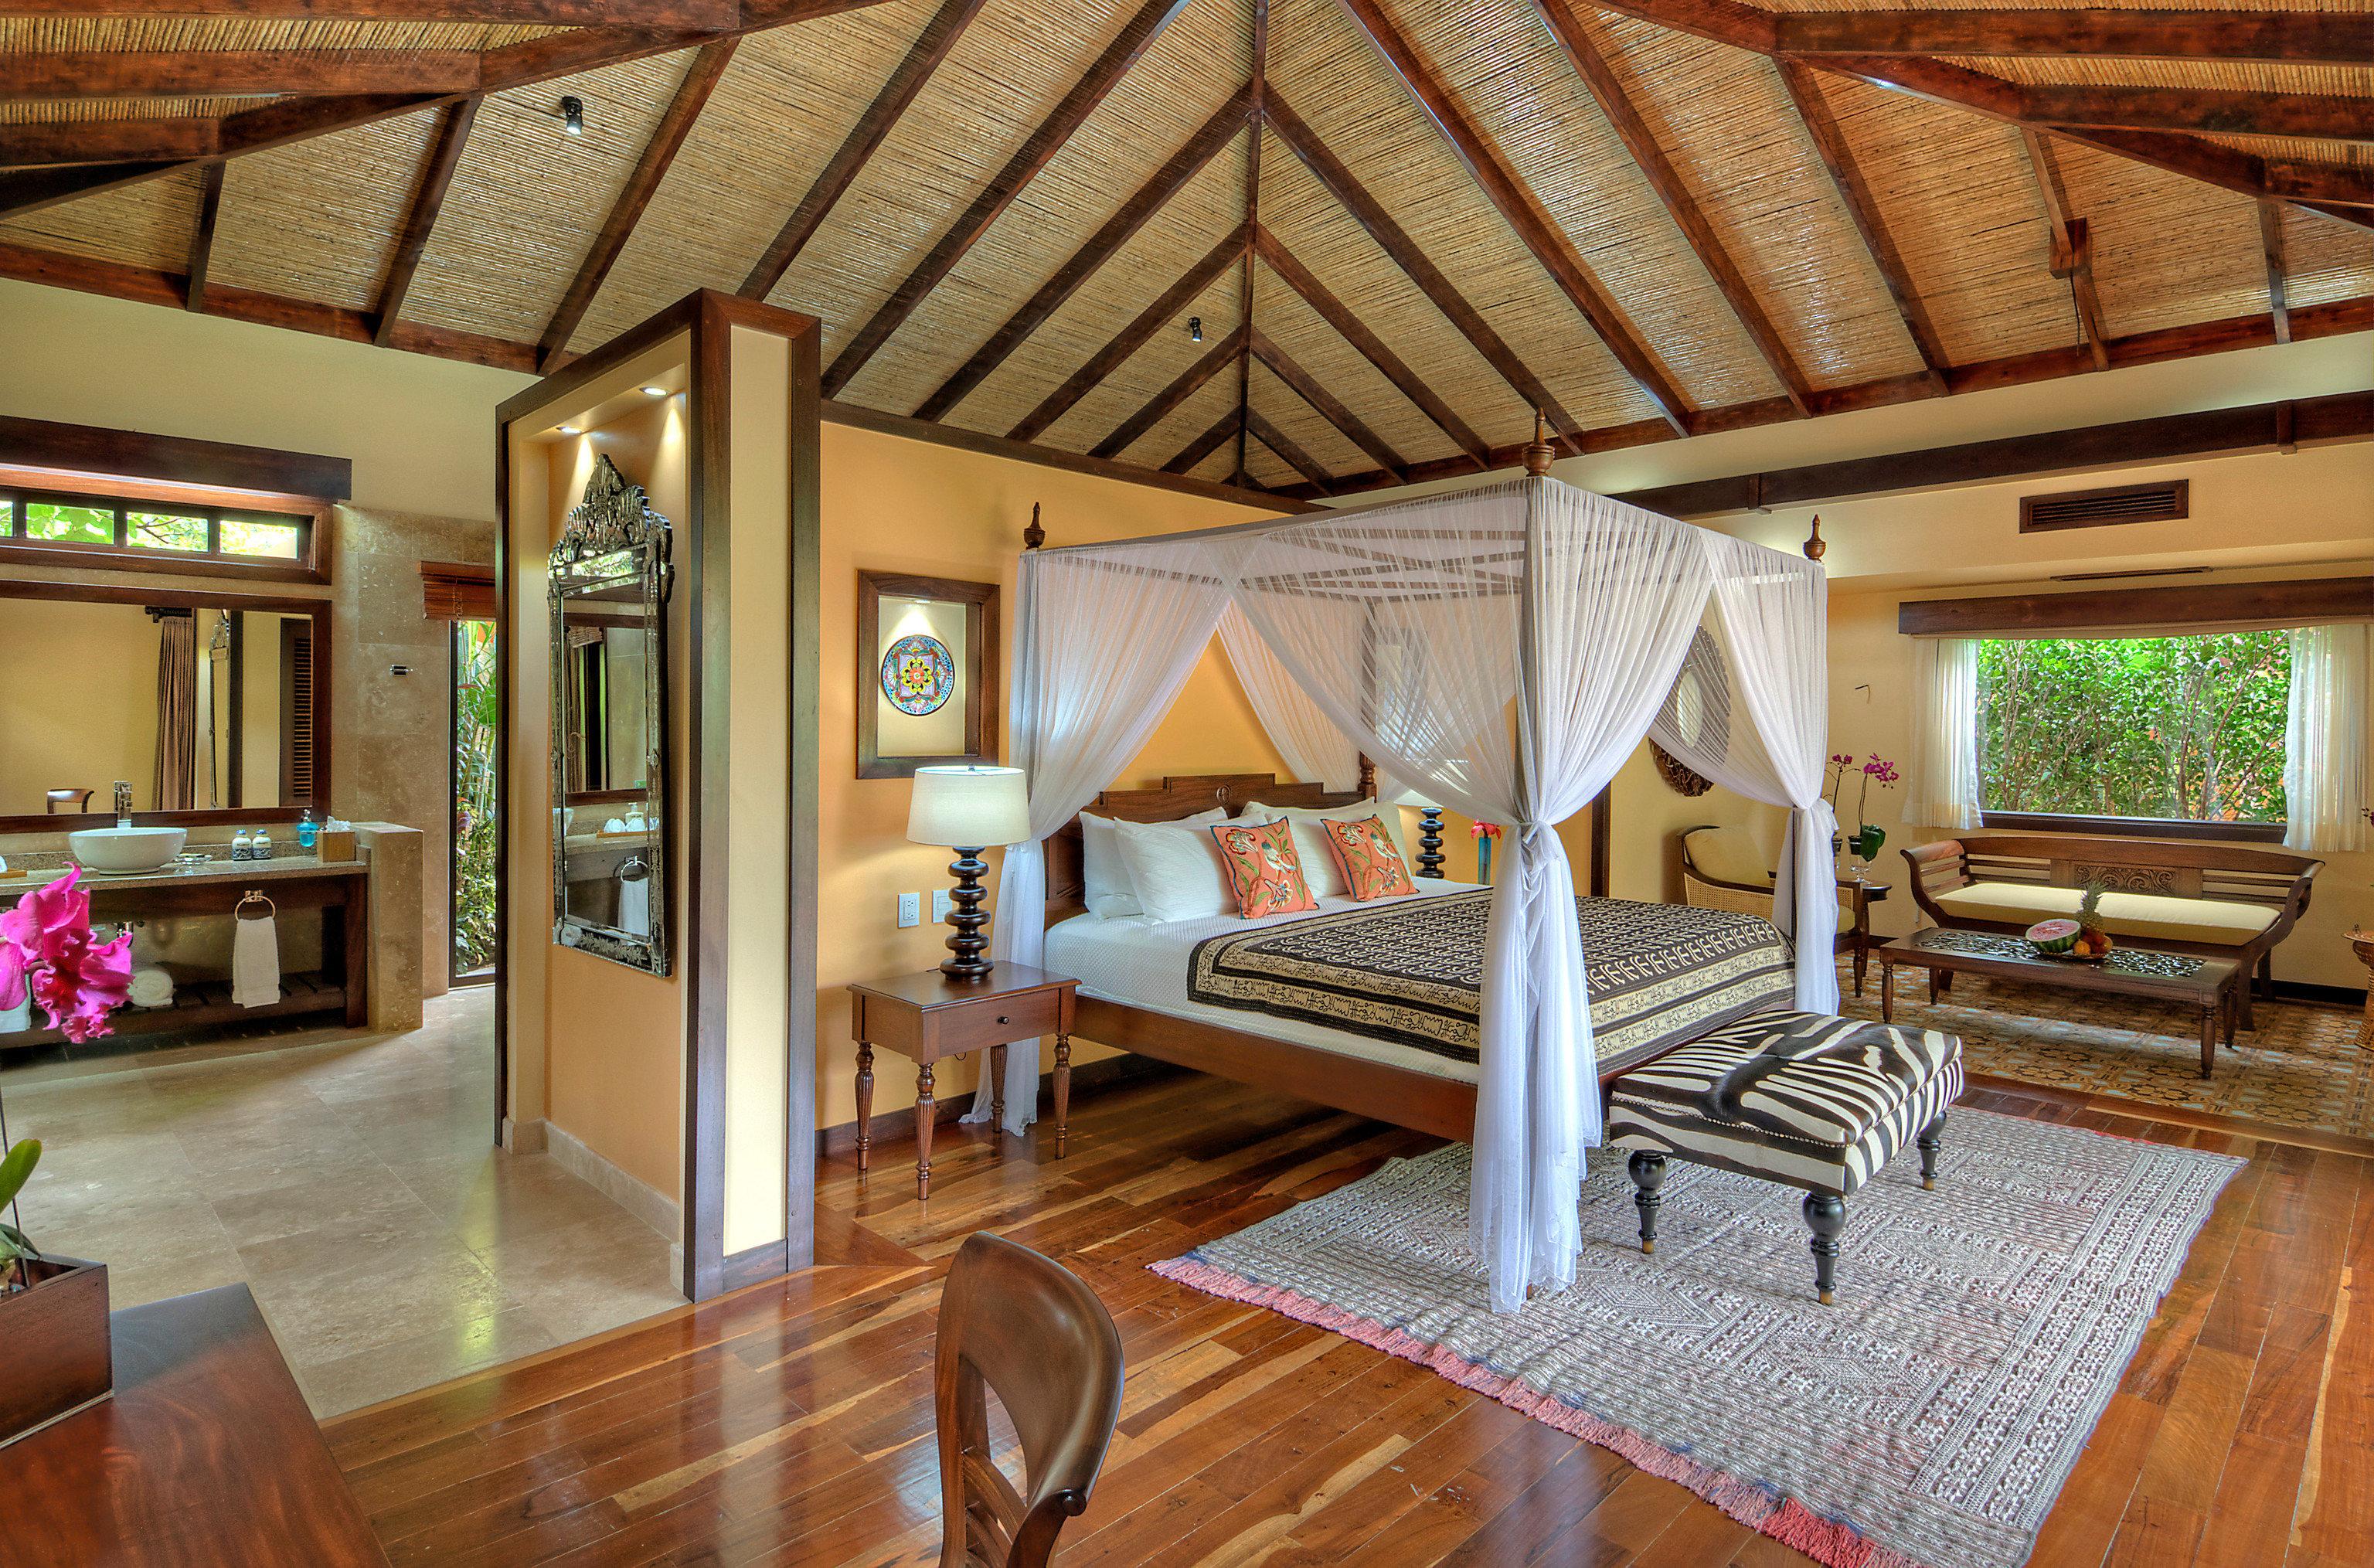 property home living room cottage Villa hardwood Resort farmhouse Suite